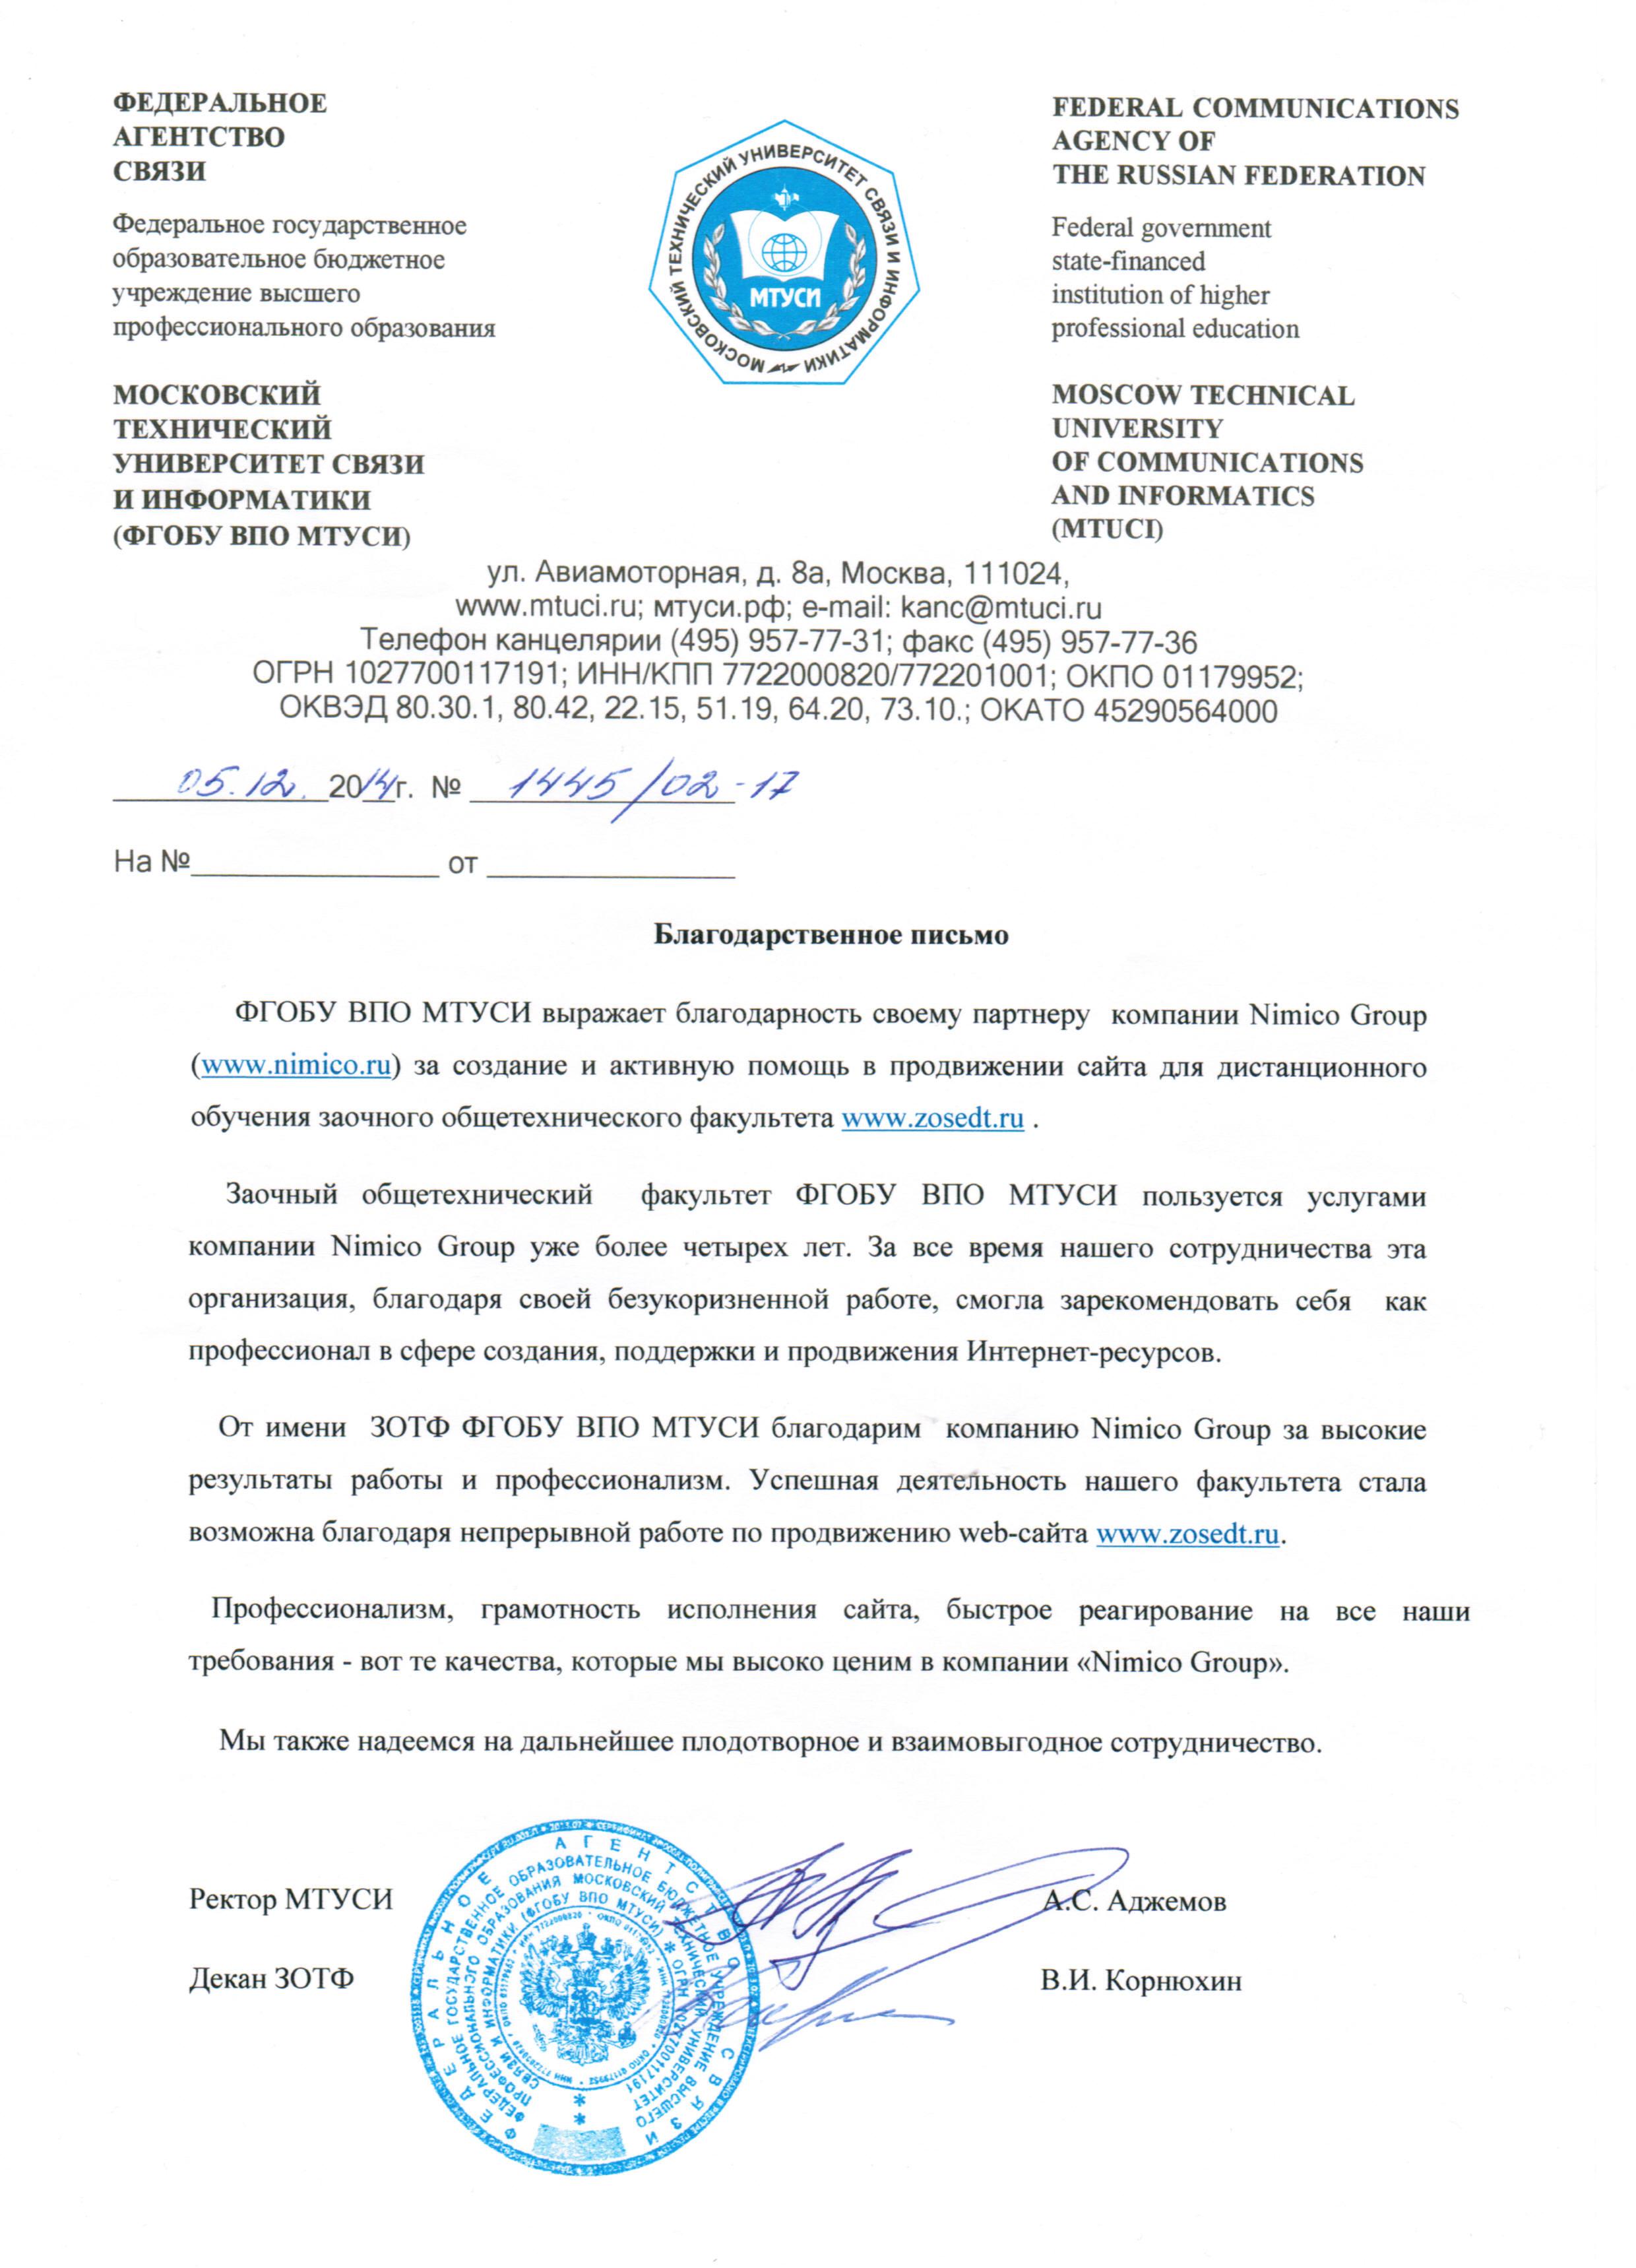 Благодарственное письмо zosedt.ru